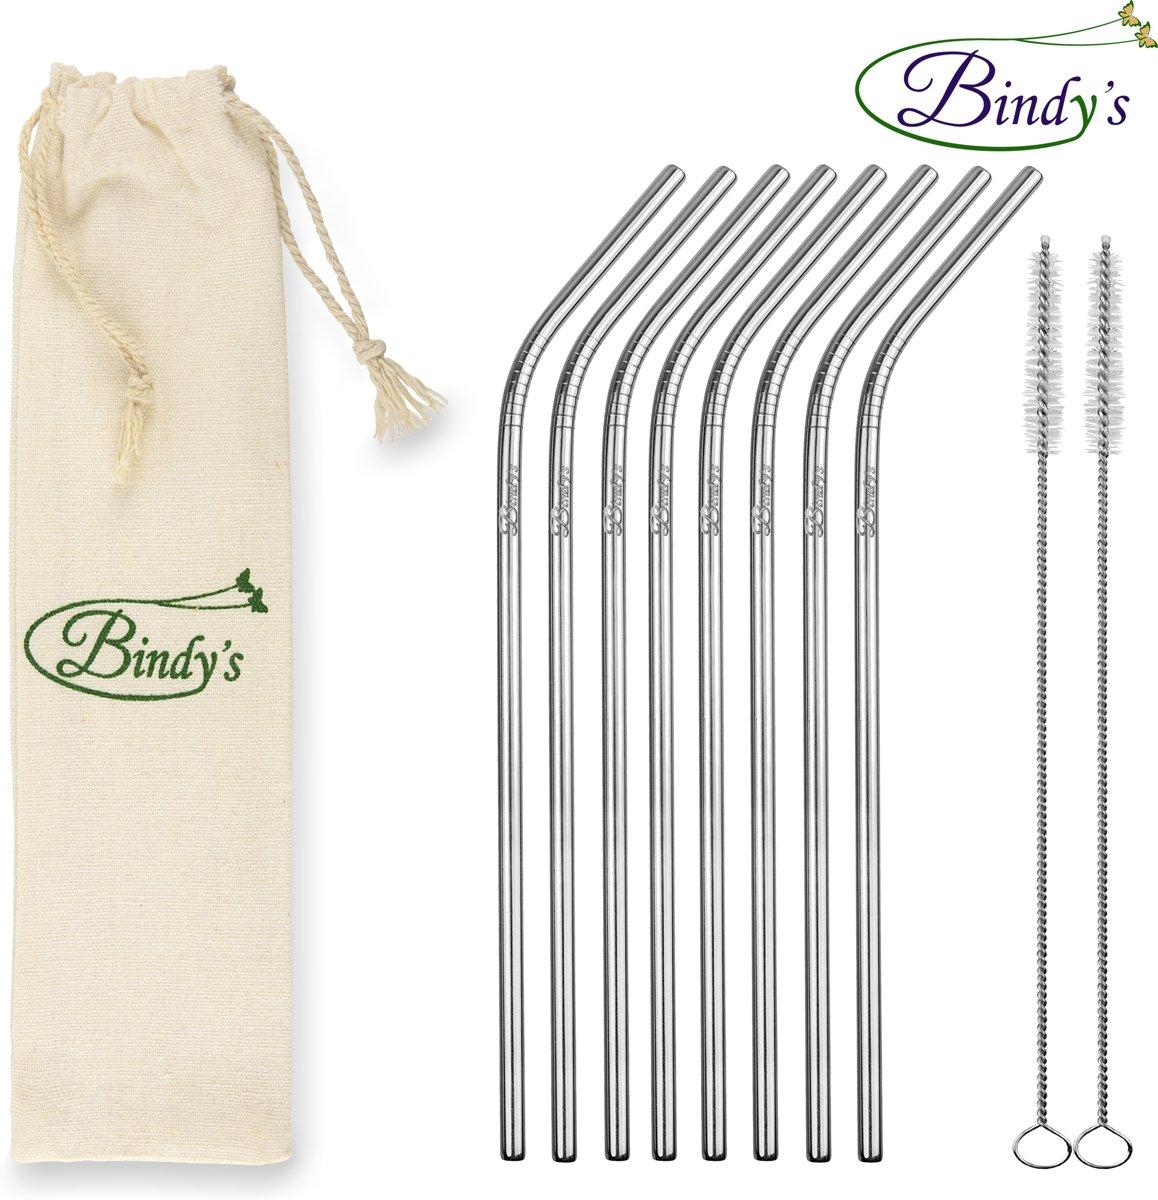 Bindy's RVS/Metalen Rietjes - Herbruikbare Set Van 8 Gebogen RVS Rietjes, Lengte 21,5 cm-Stijlvol, Functioneel en Duurzaam, Incl. 2 Schoonmaakborsteltjes en Linnen bewaarzakje